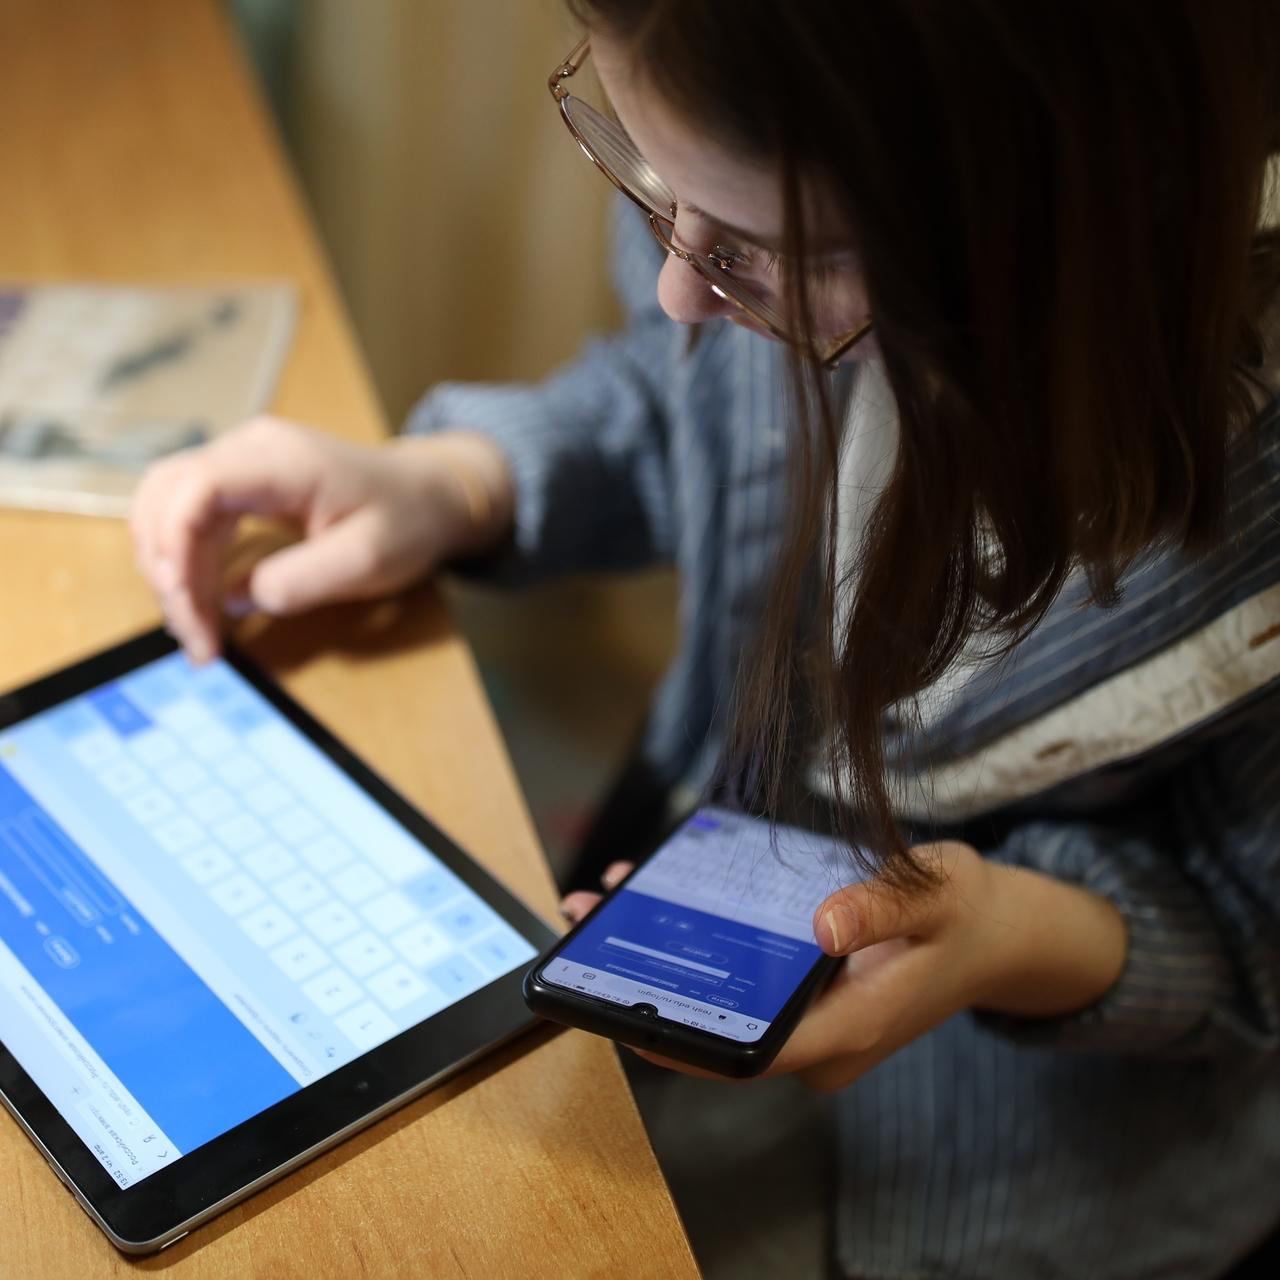 Минкомсвязи разработало мобильное приложение для оформления электронных пропусков